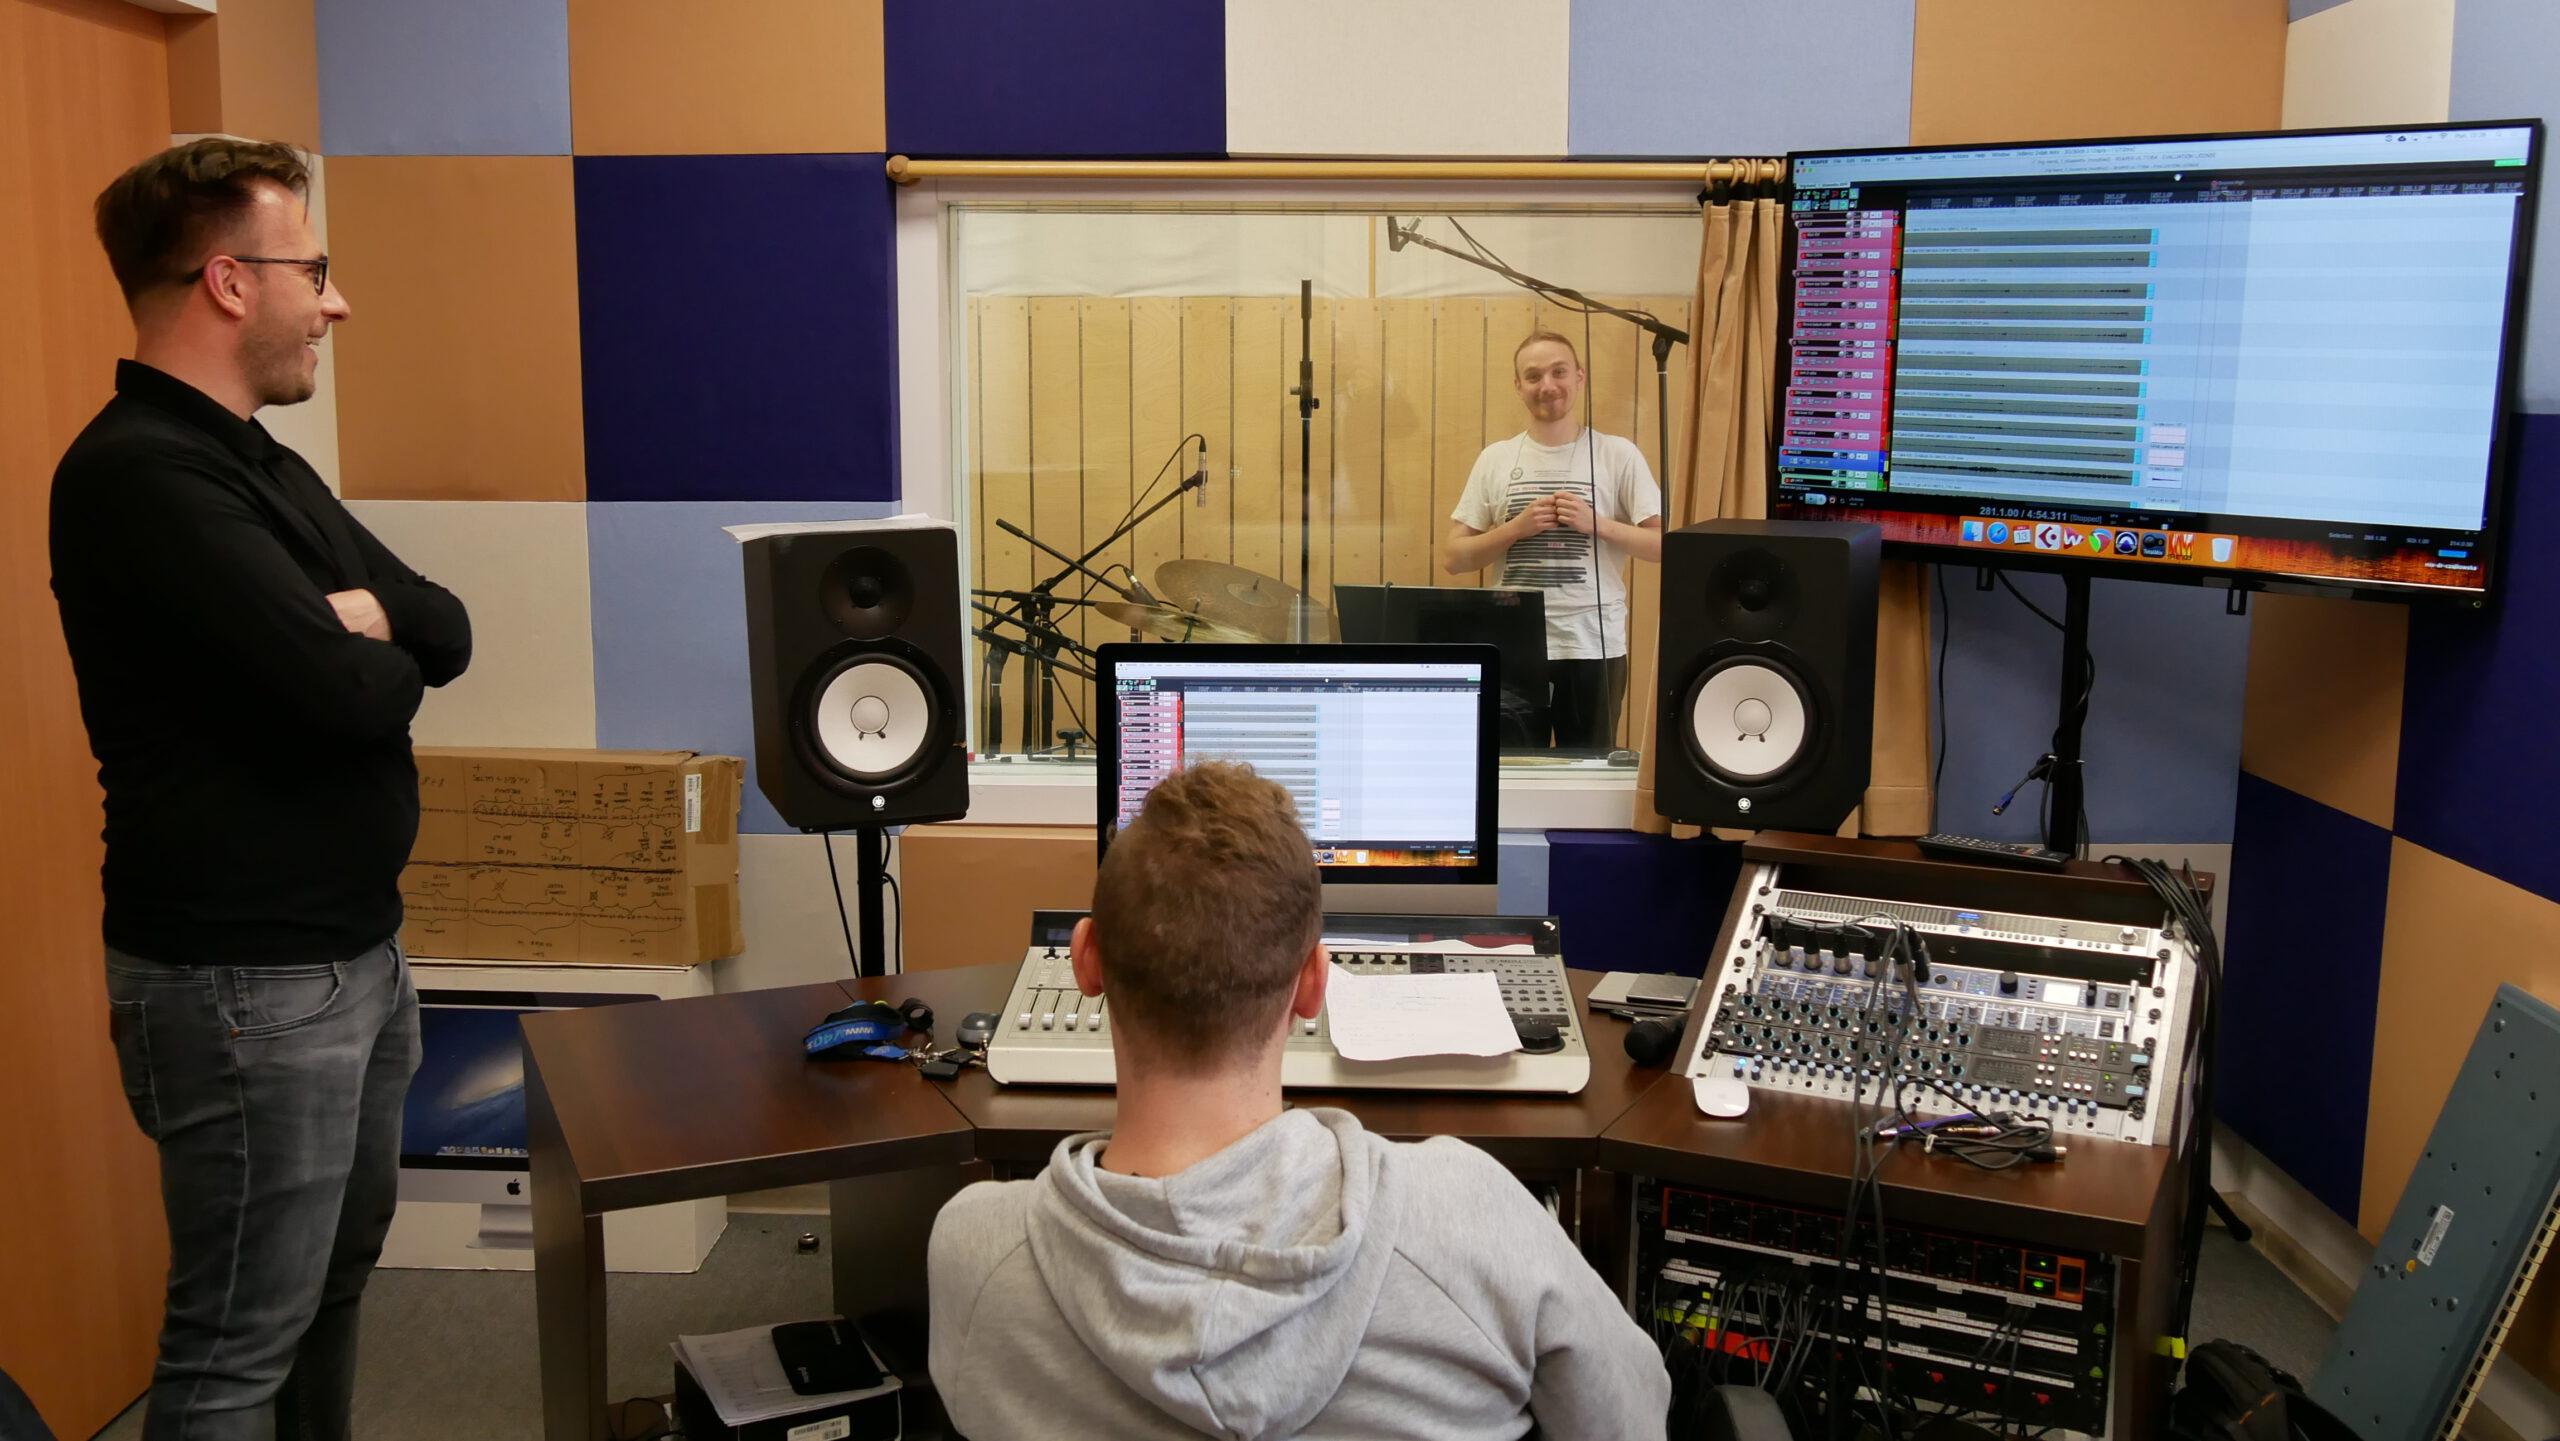 ludzie w studiu nagraniowym, wokół dużo sprzętu, głośniki, mikrofony